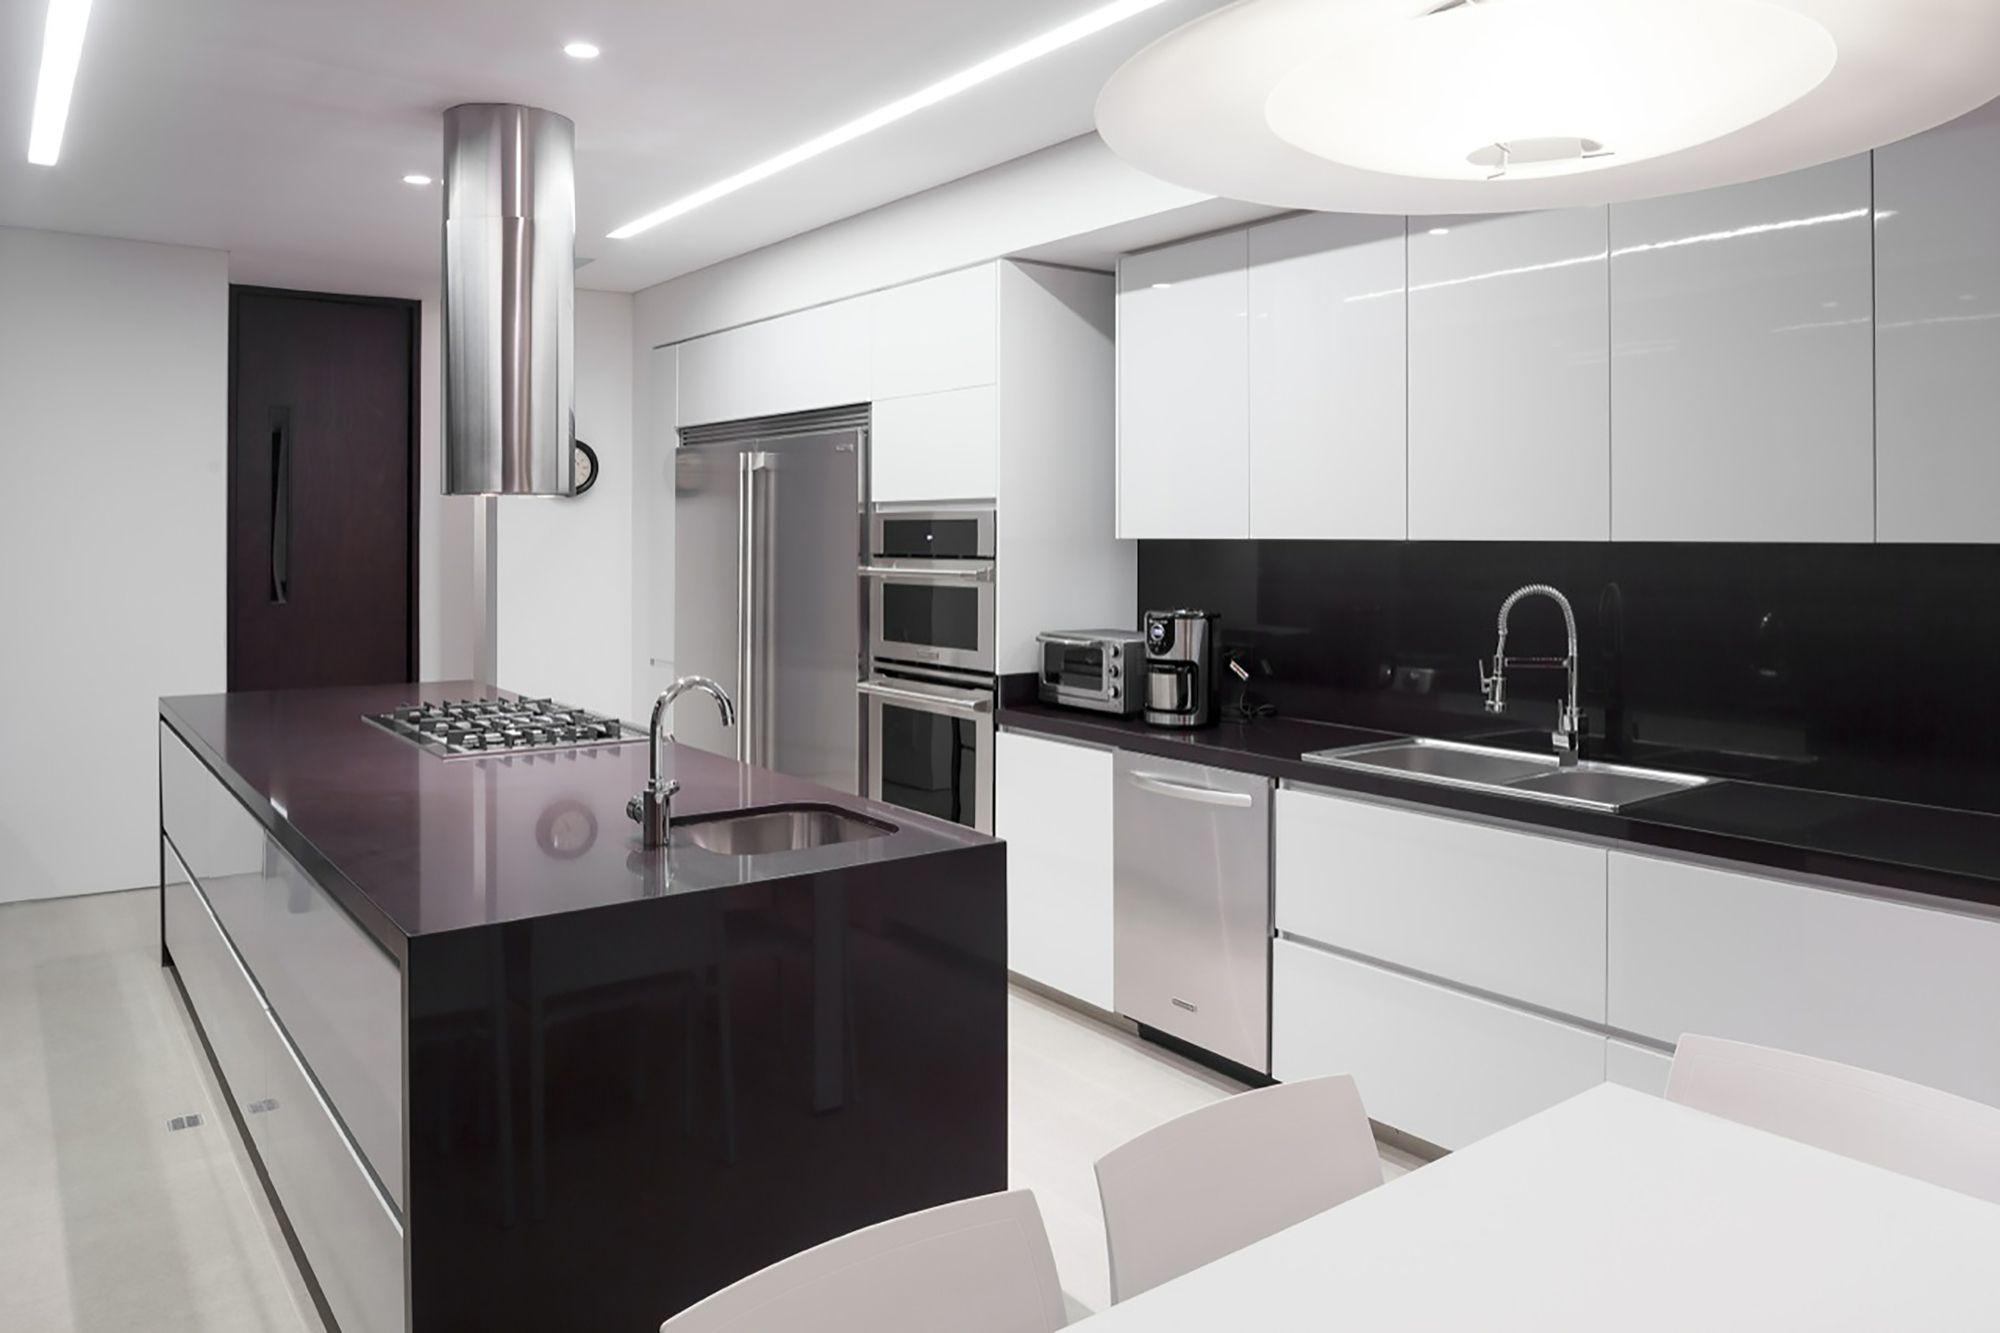 Cocinas modernas con isla central peque a buscar con for Cocinas modernas